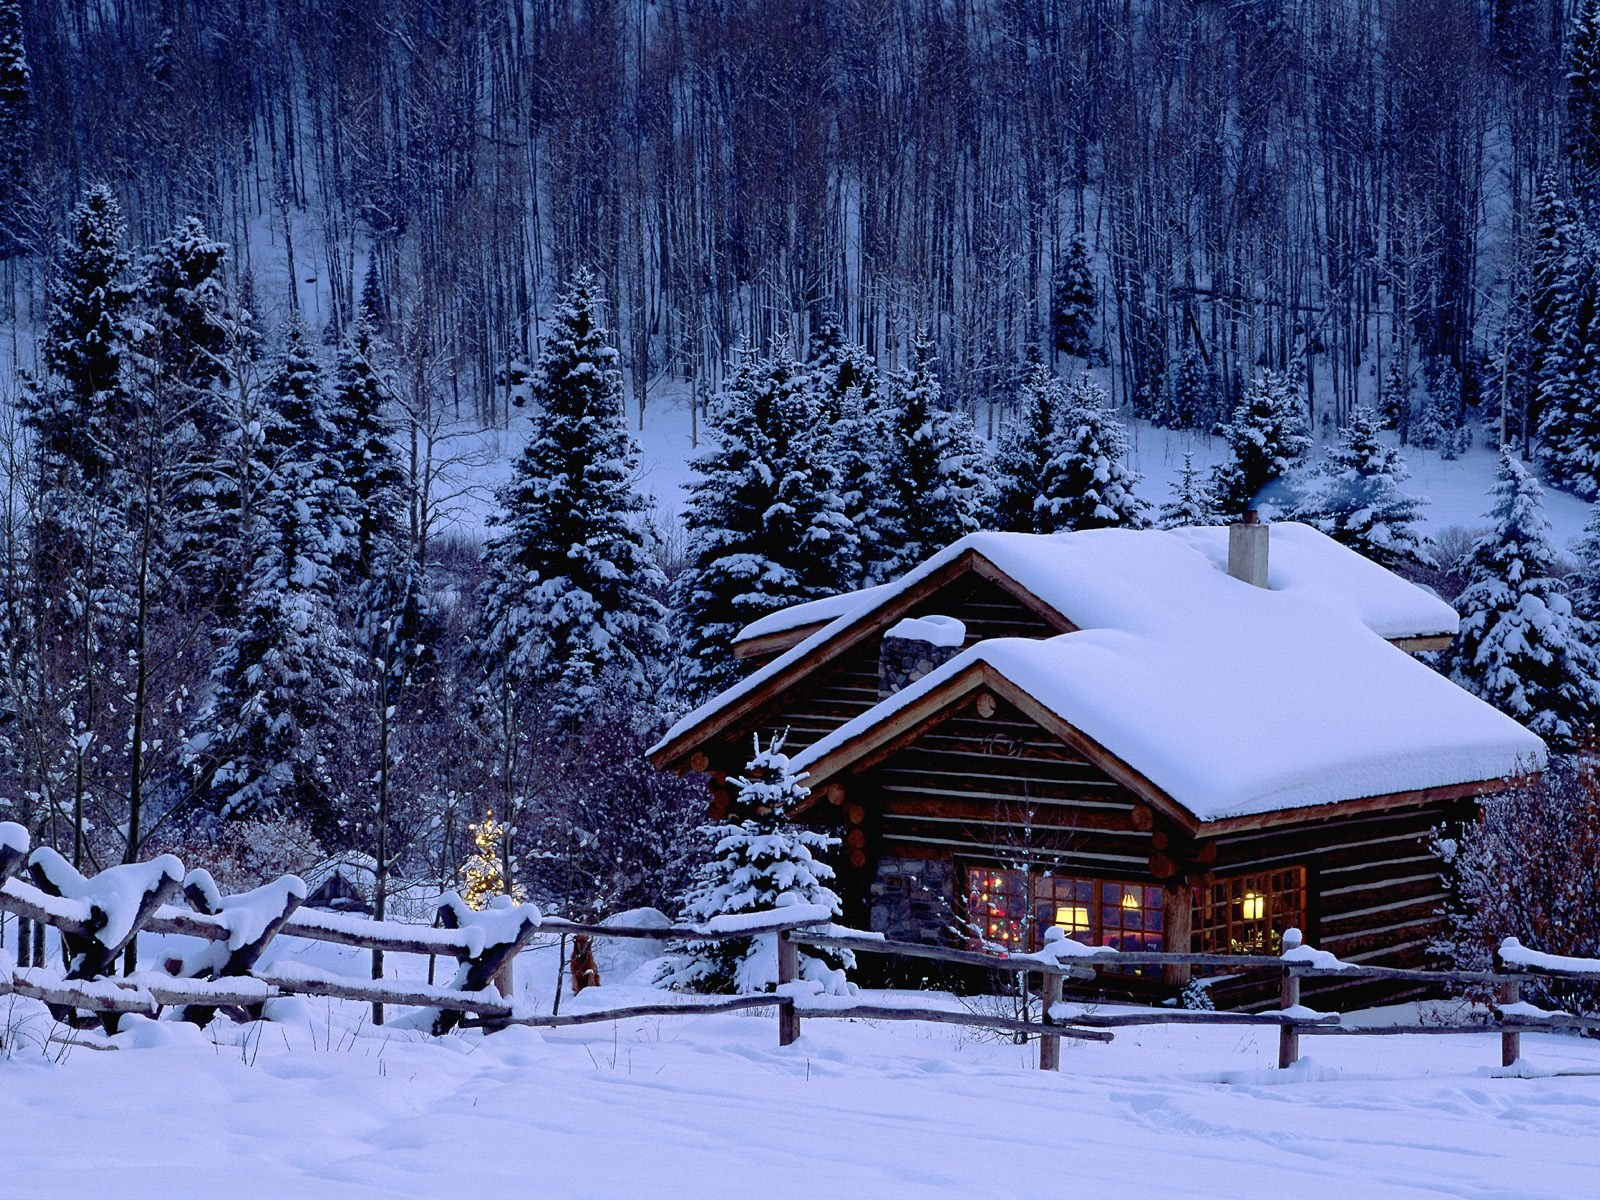 wallpaper Wallpaper Downloads Winter Wallpaper HD For Desktop 1600x1200